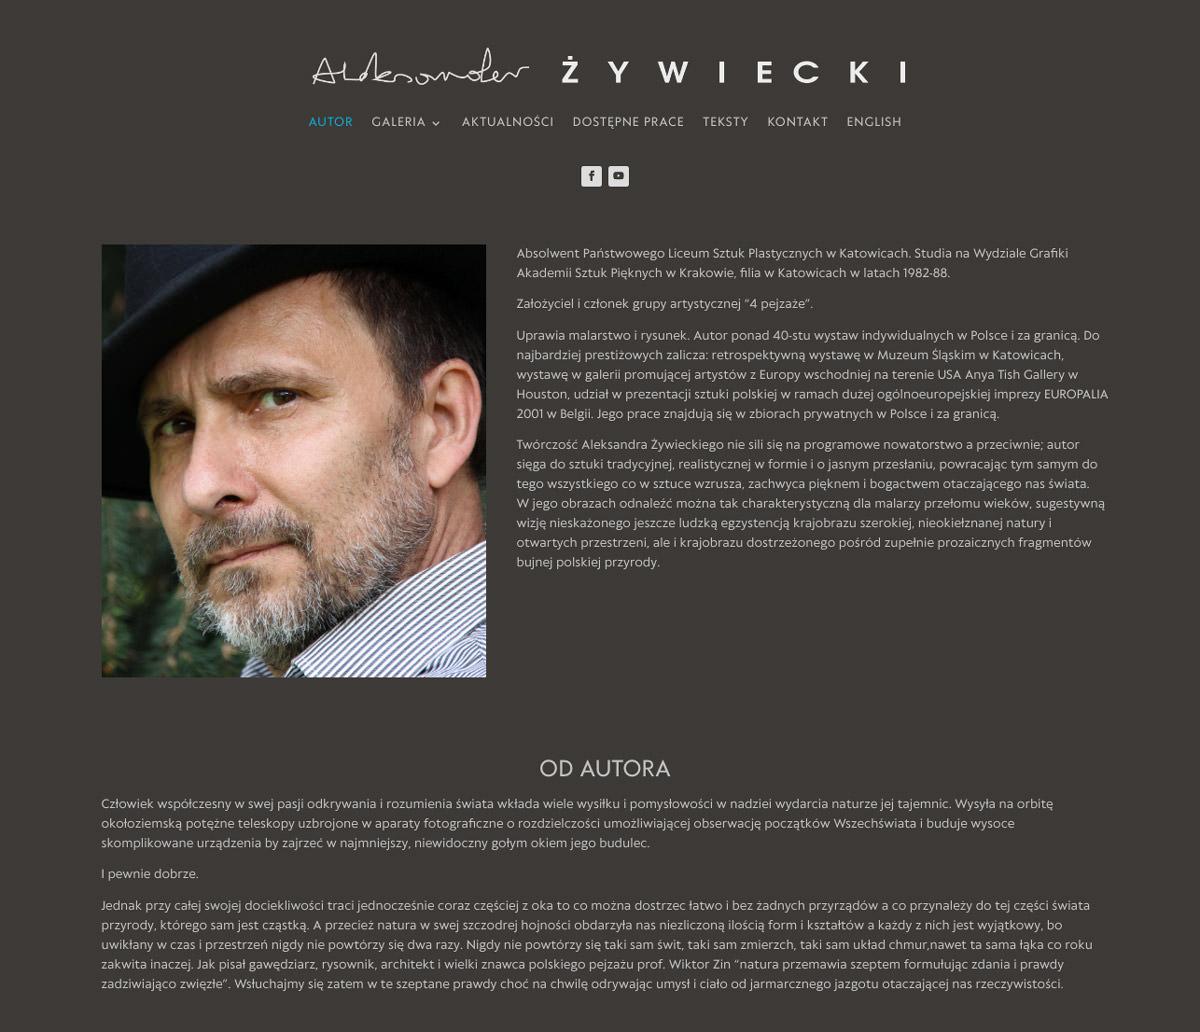 Aleksander Żywiecki